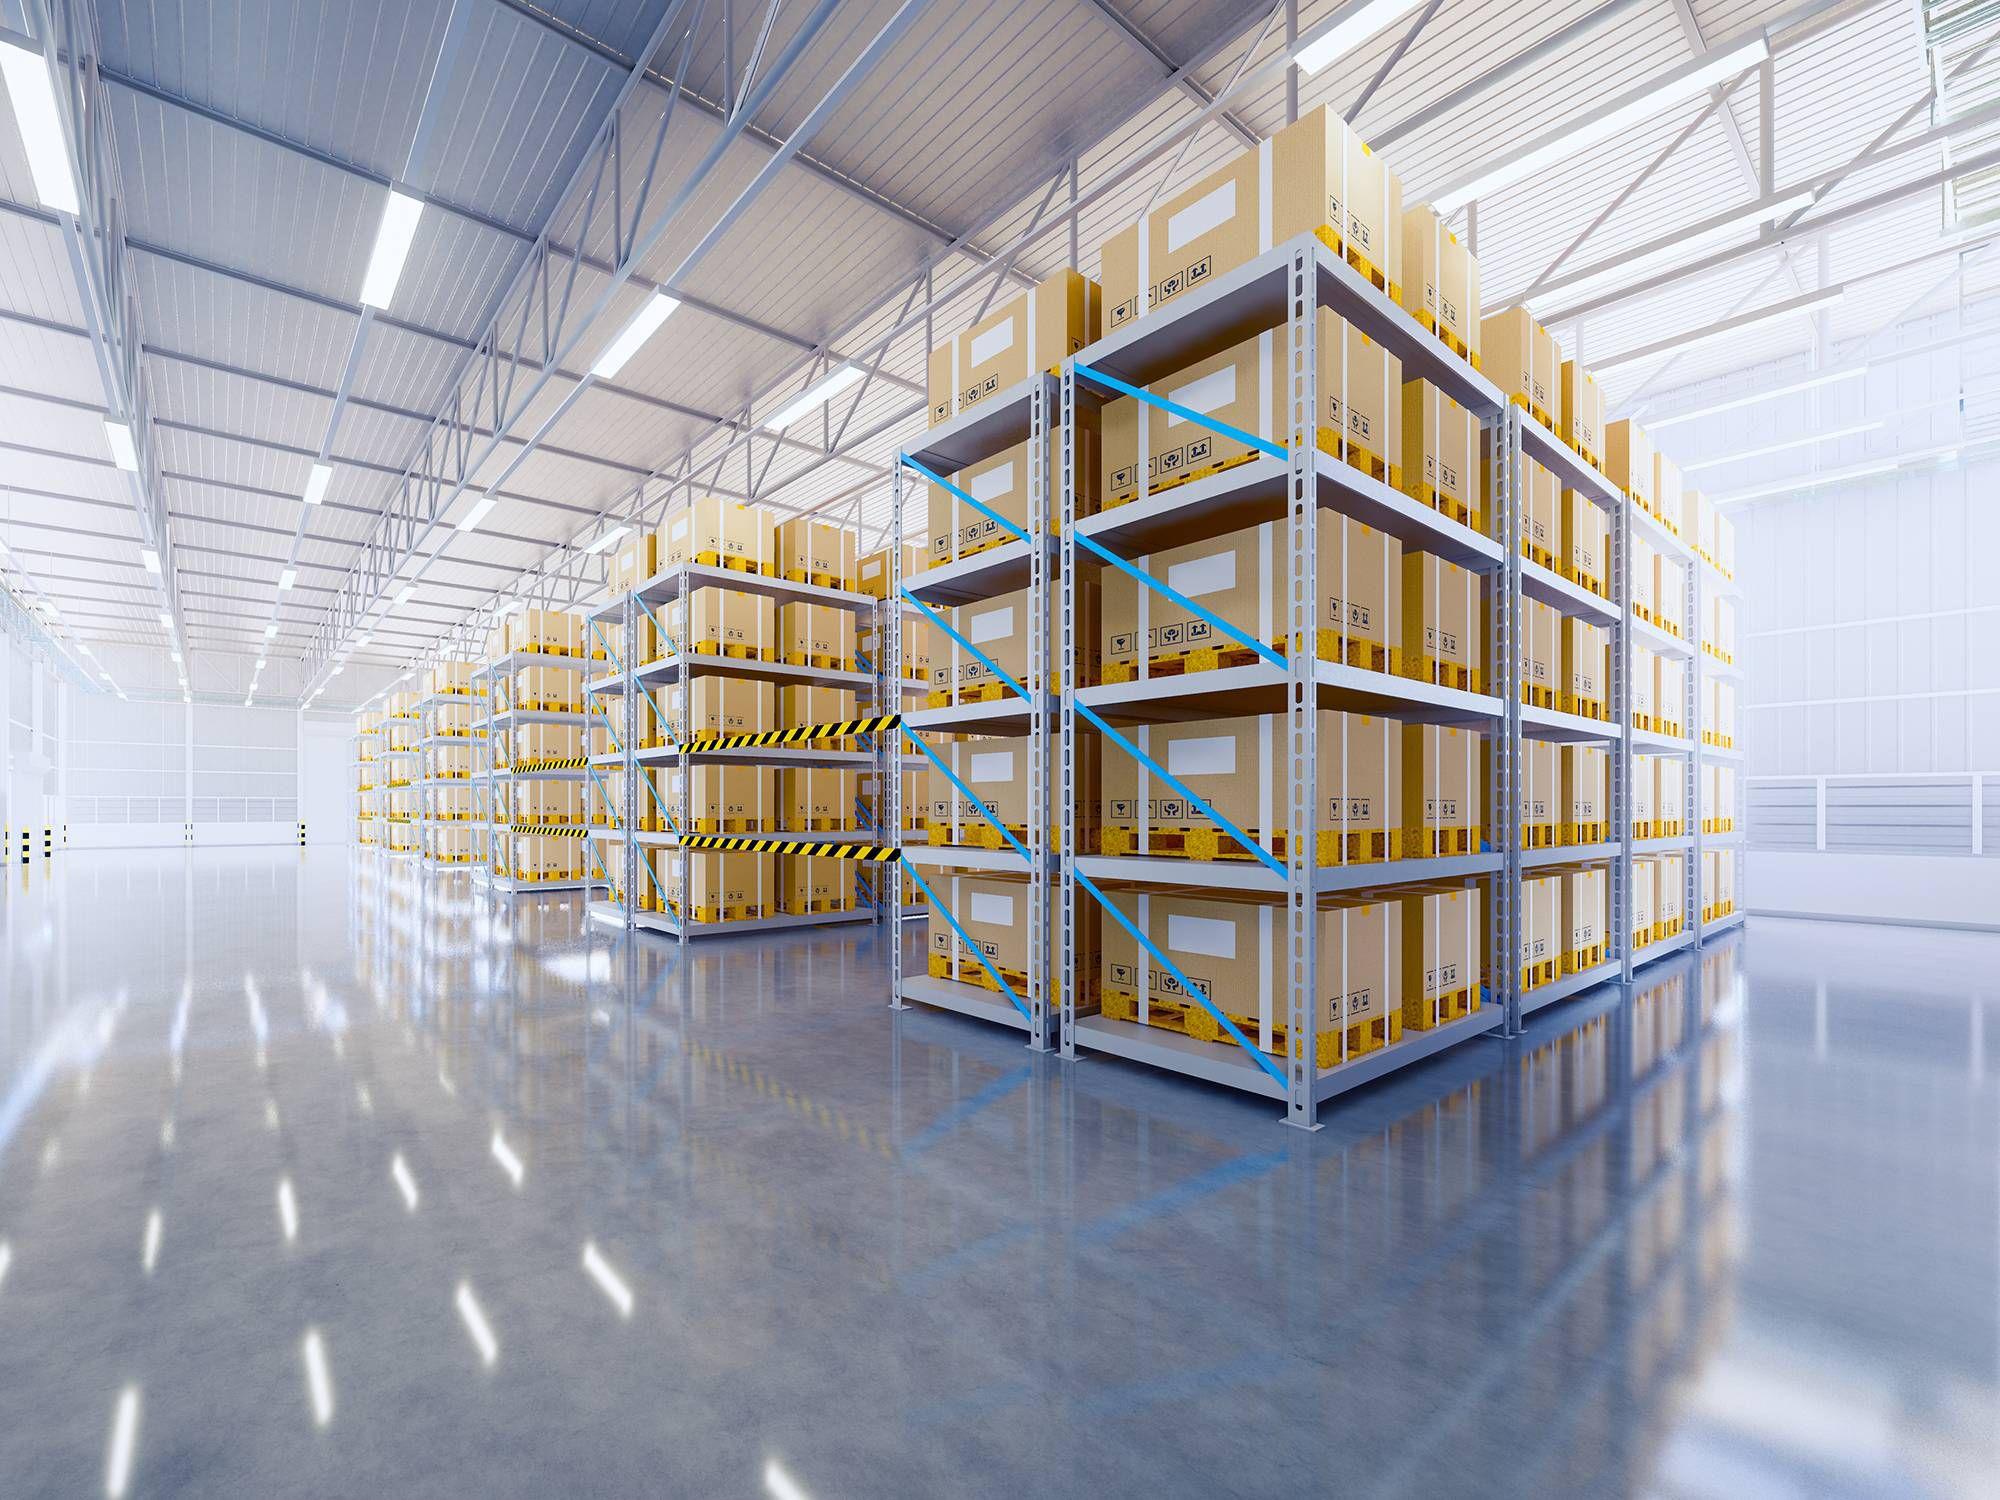 制药运输中的数据记录器